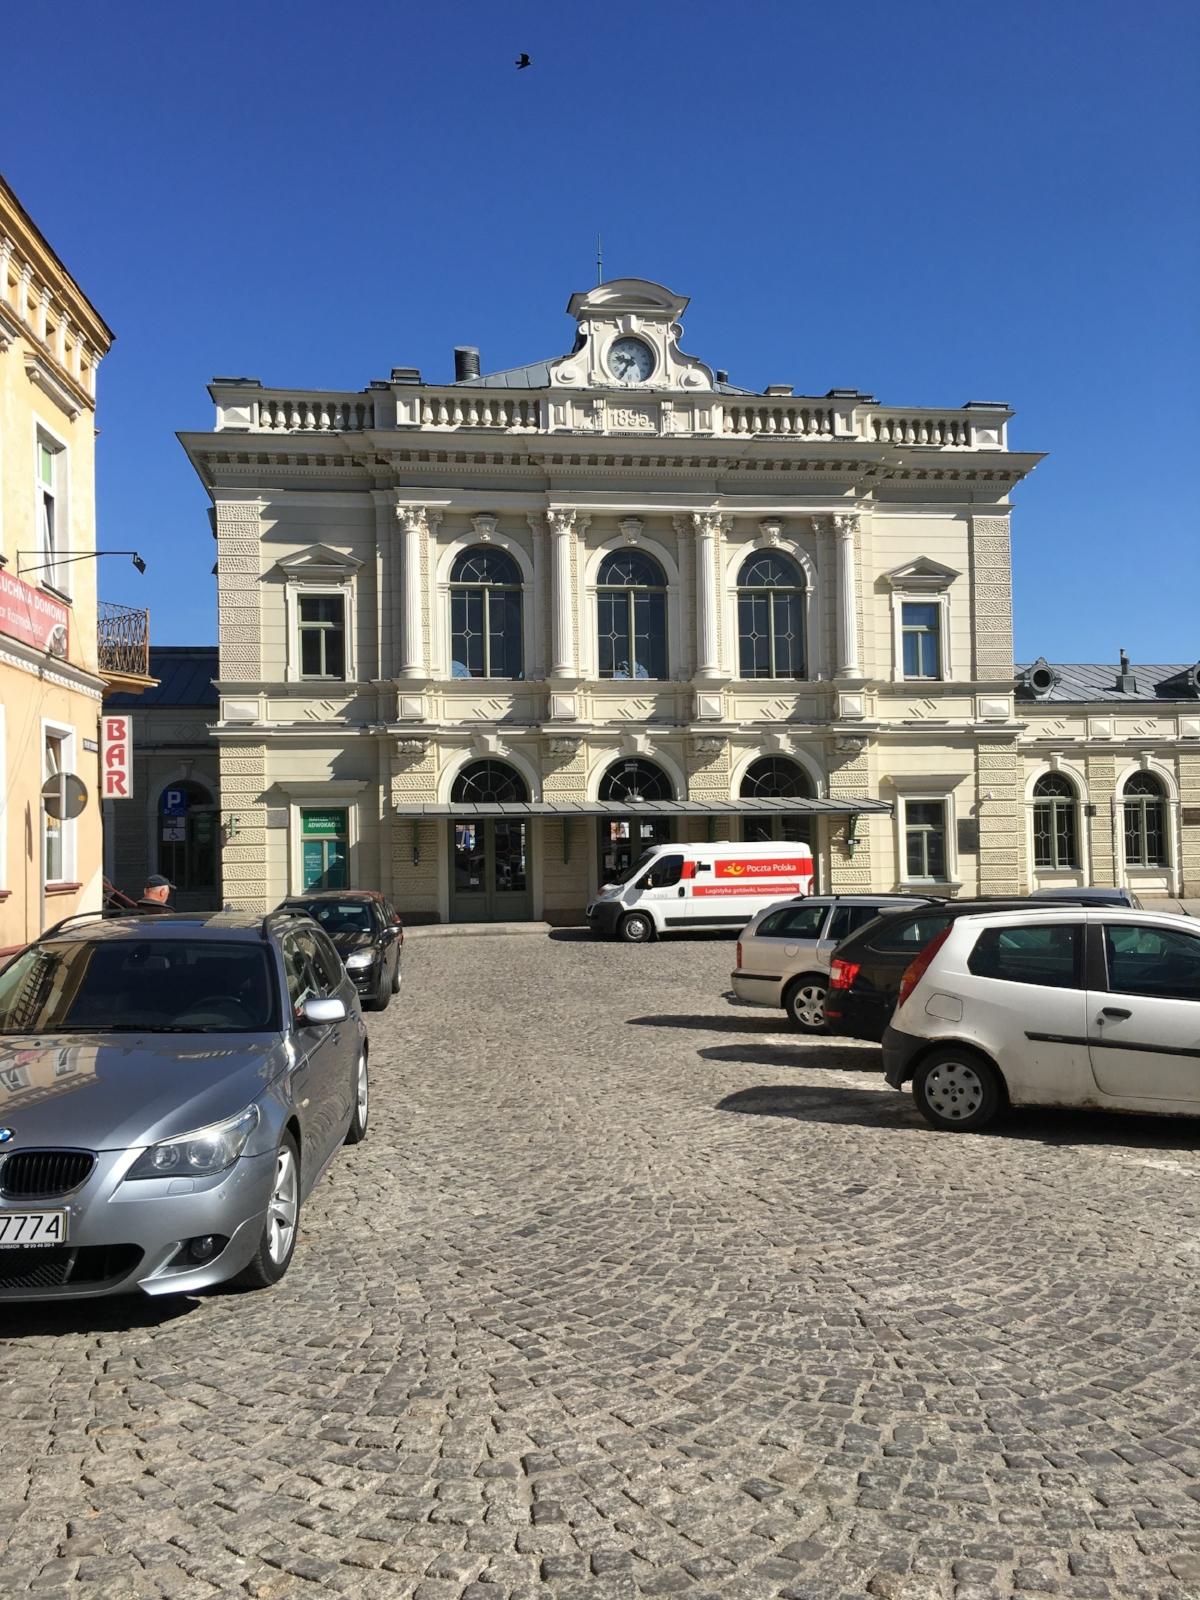 Przemsyl Train Station